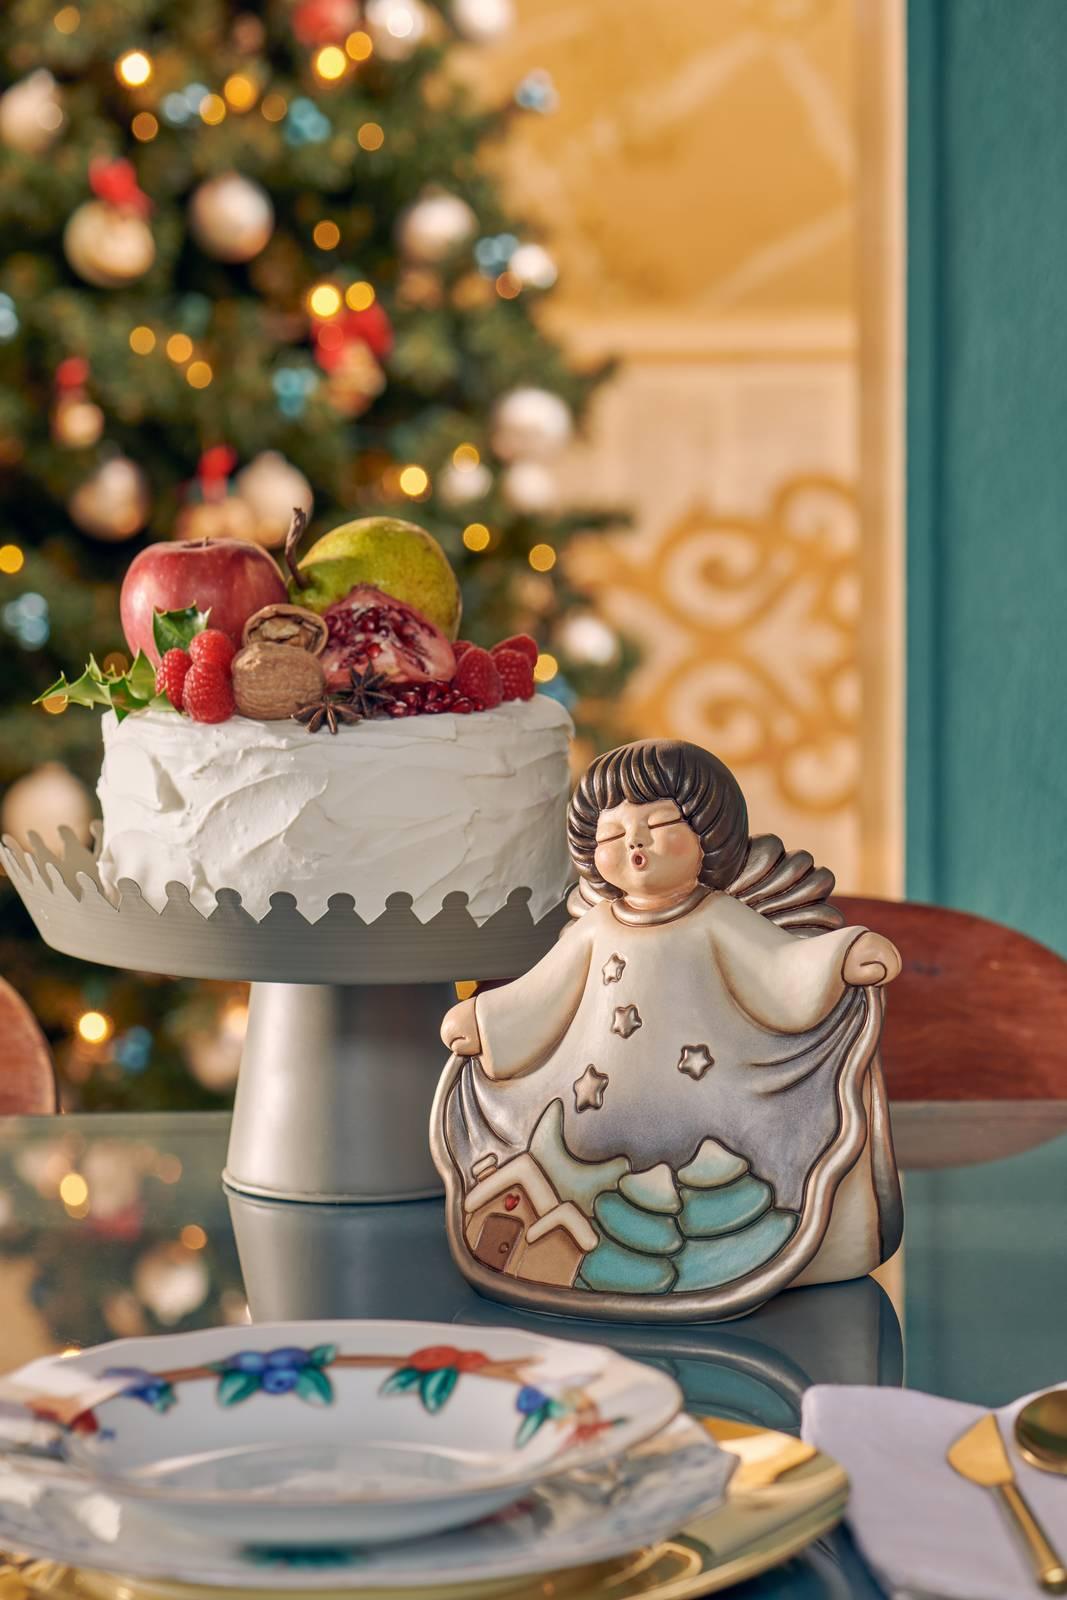 Regali Di Natale Oggetti Per Casa.Decorazioni Casa E Addobbi Natalizi Cose Di Casa